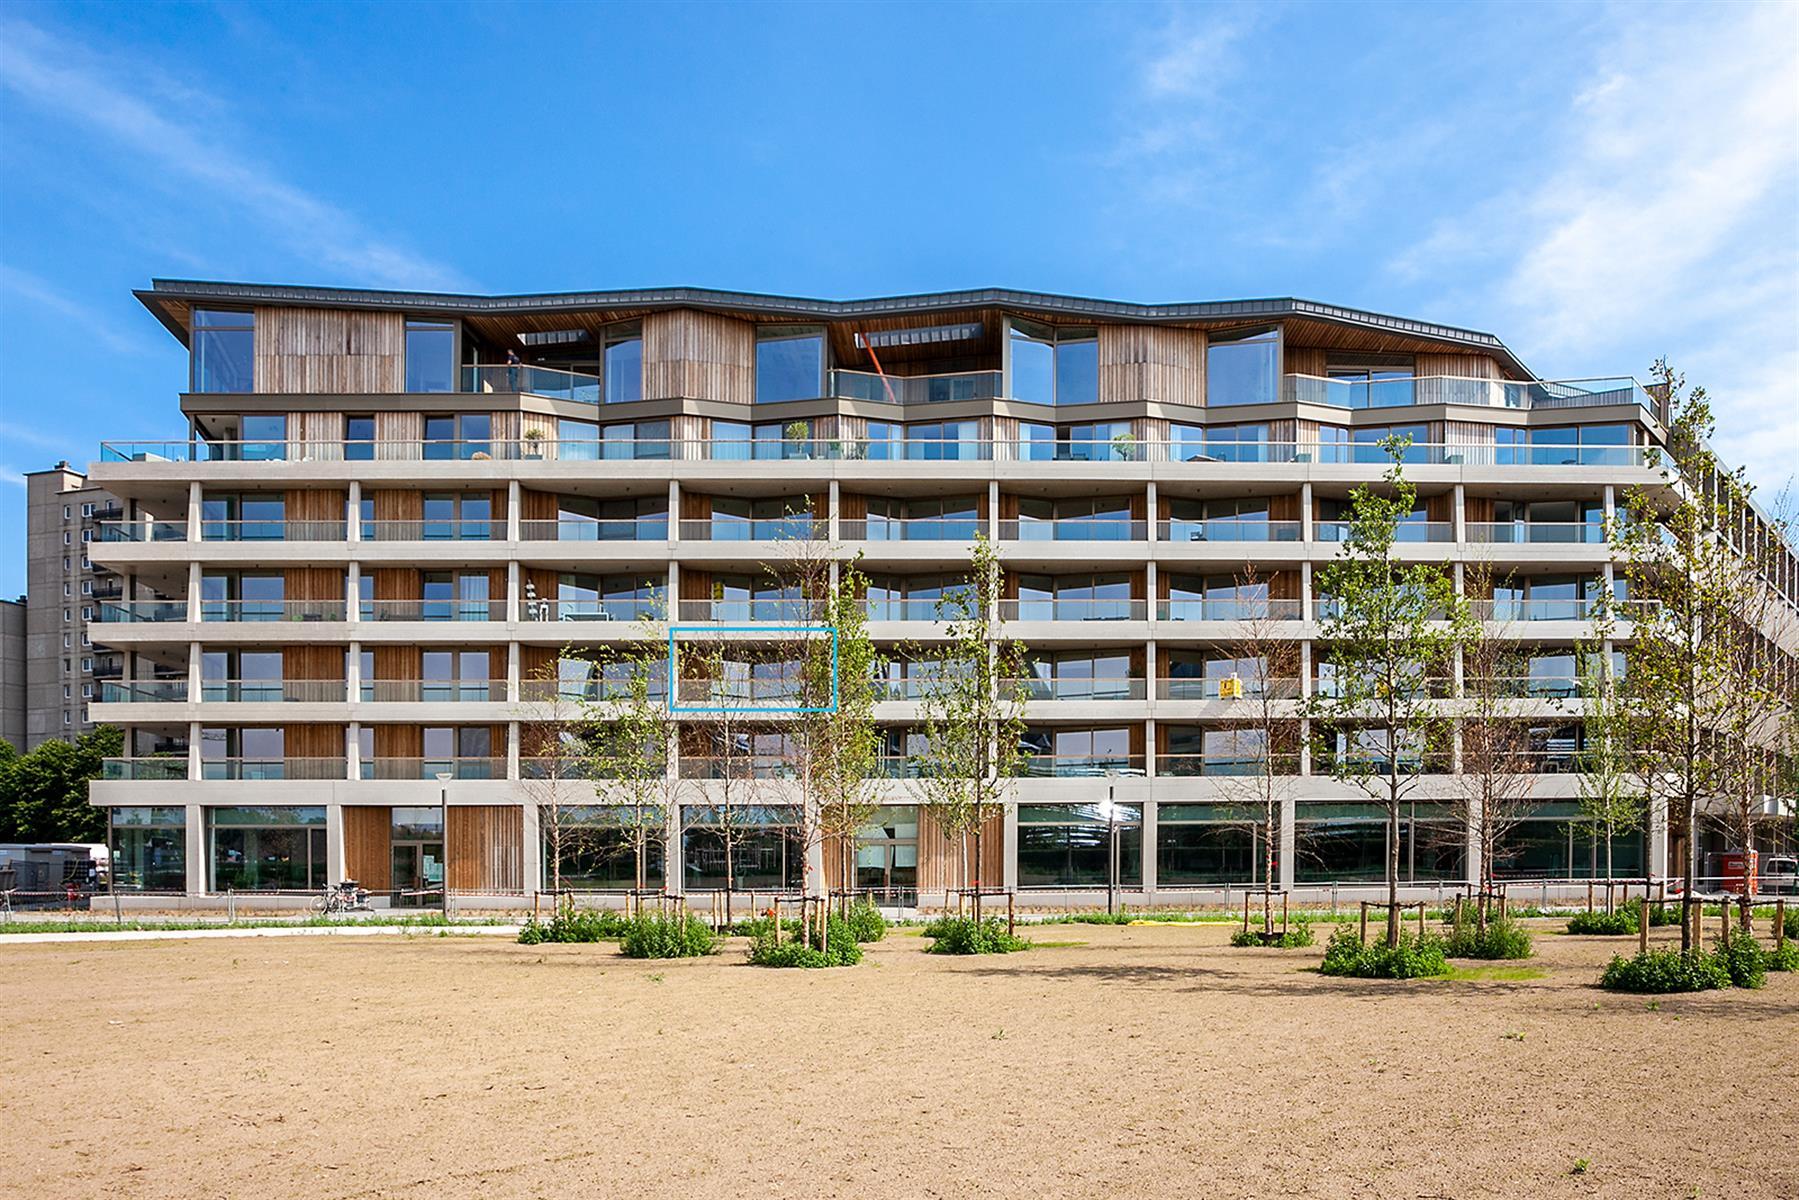 Nieuw appartement in project The Résidence met 2 slaapkamers en terrassen.